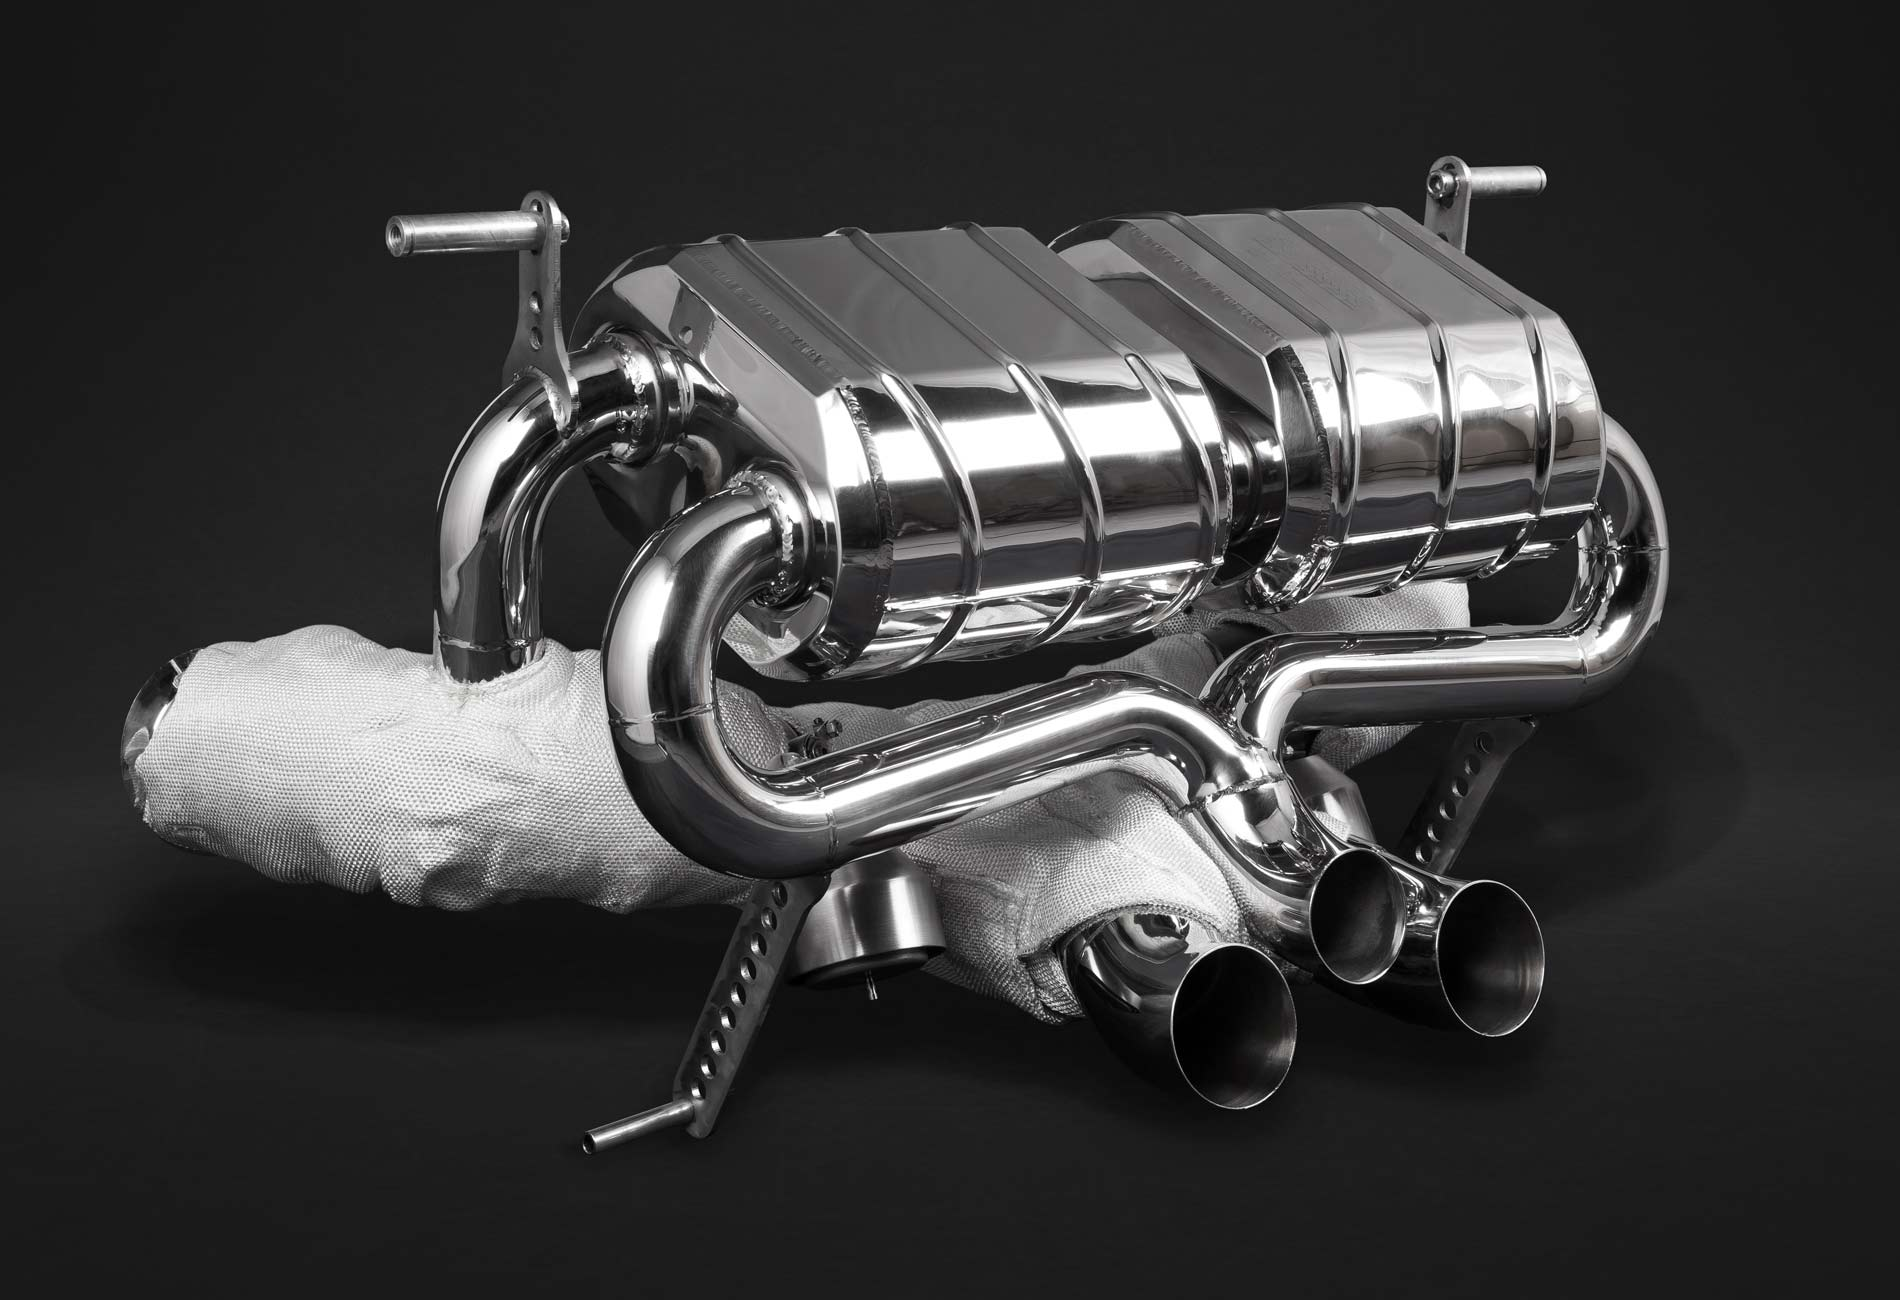 Aventador-S-LP740-Auspuffanlage